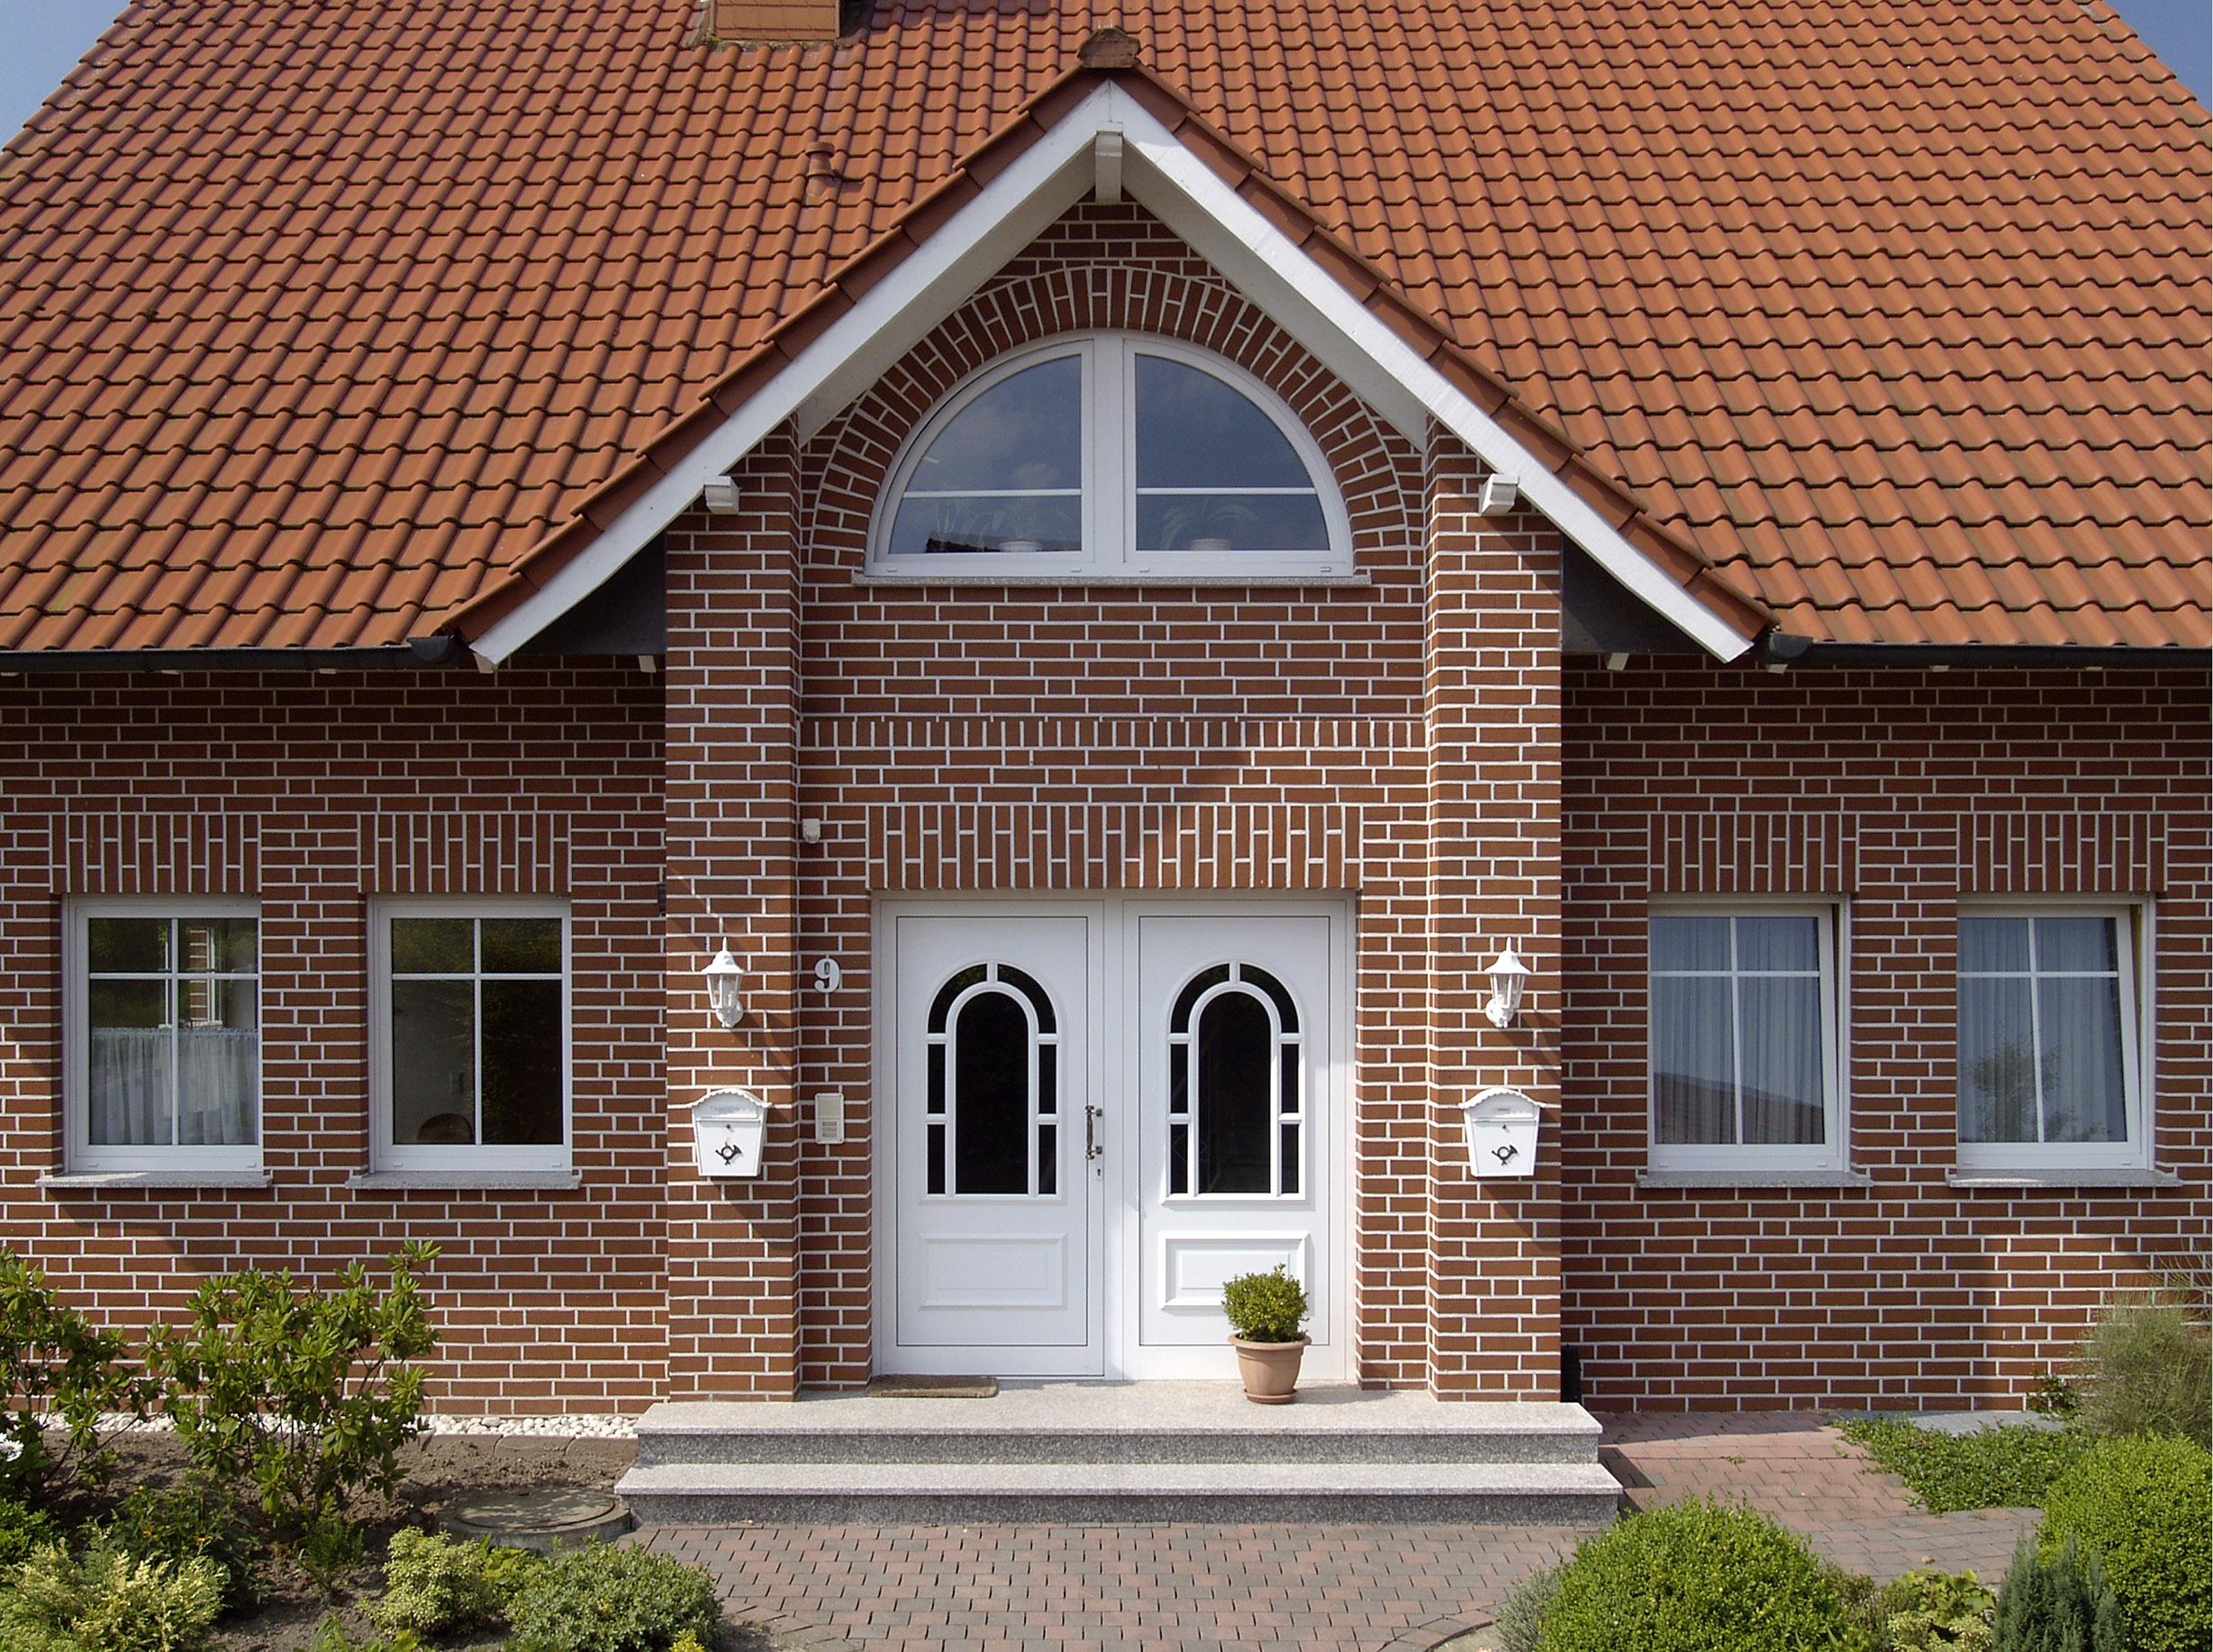 Отделка фасада кирпичом: виды материалов и кладки 34 фото домов